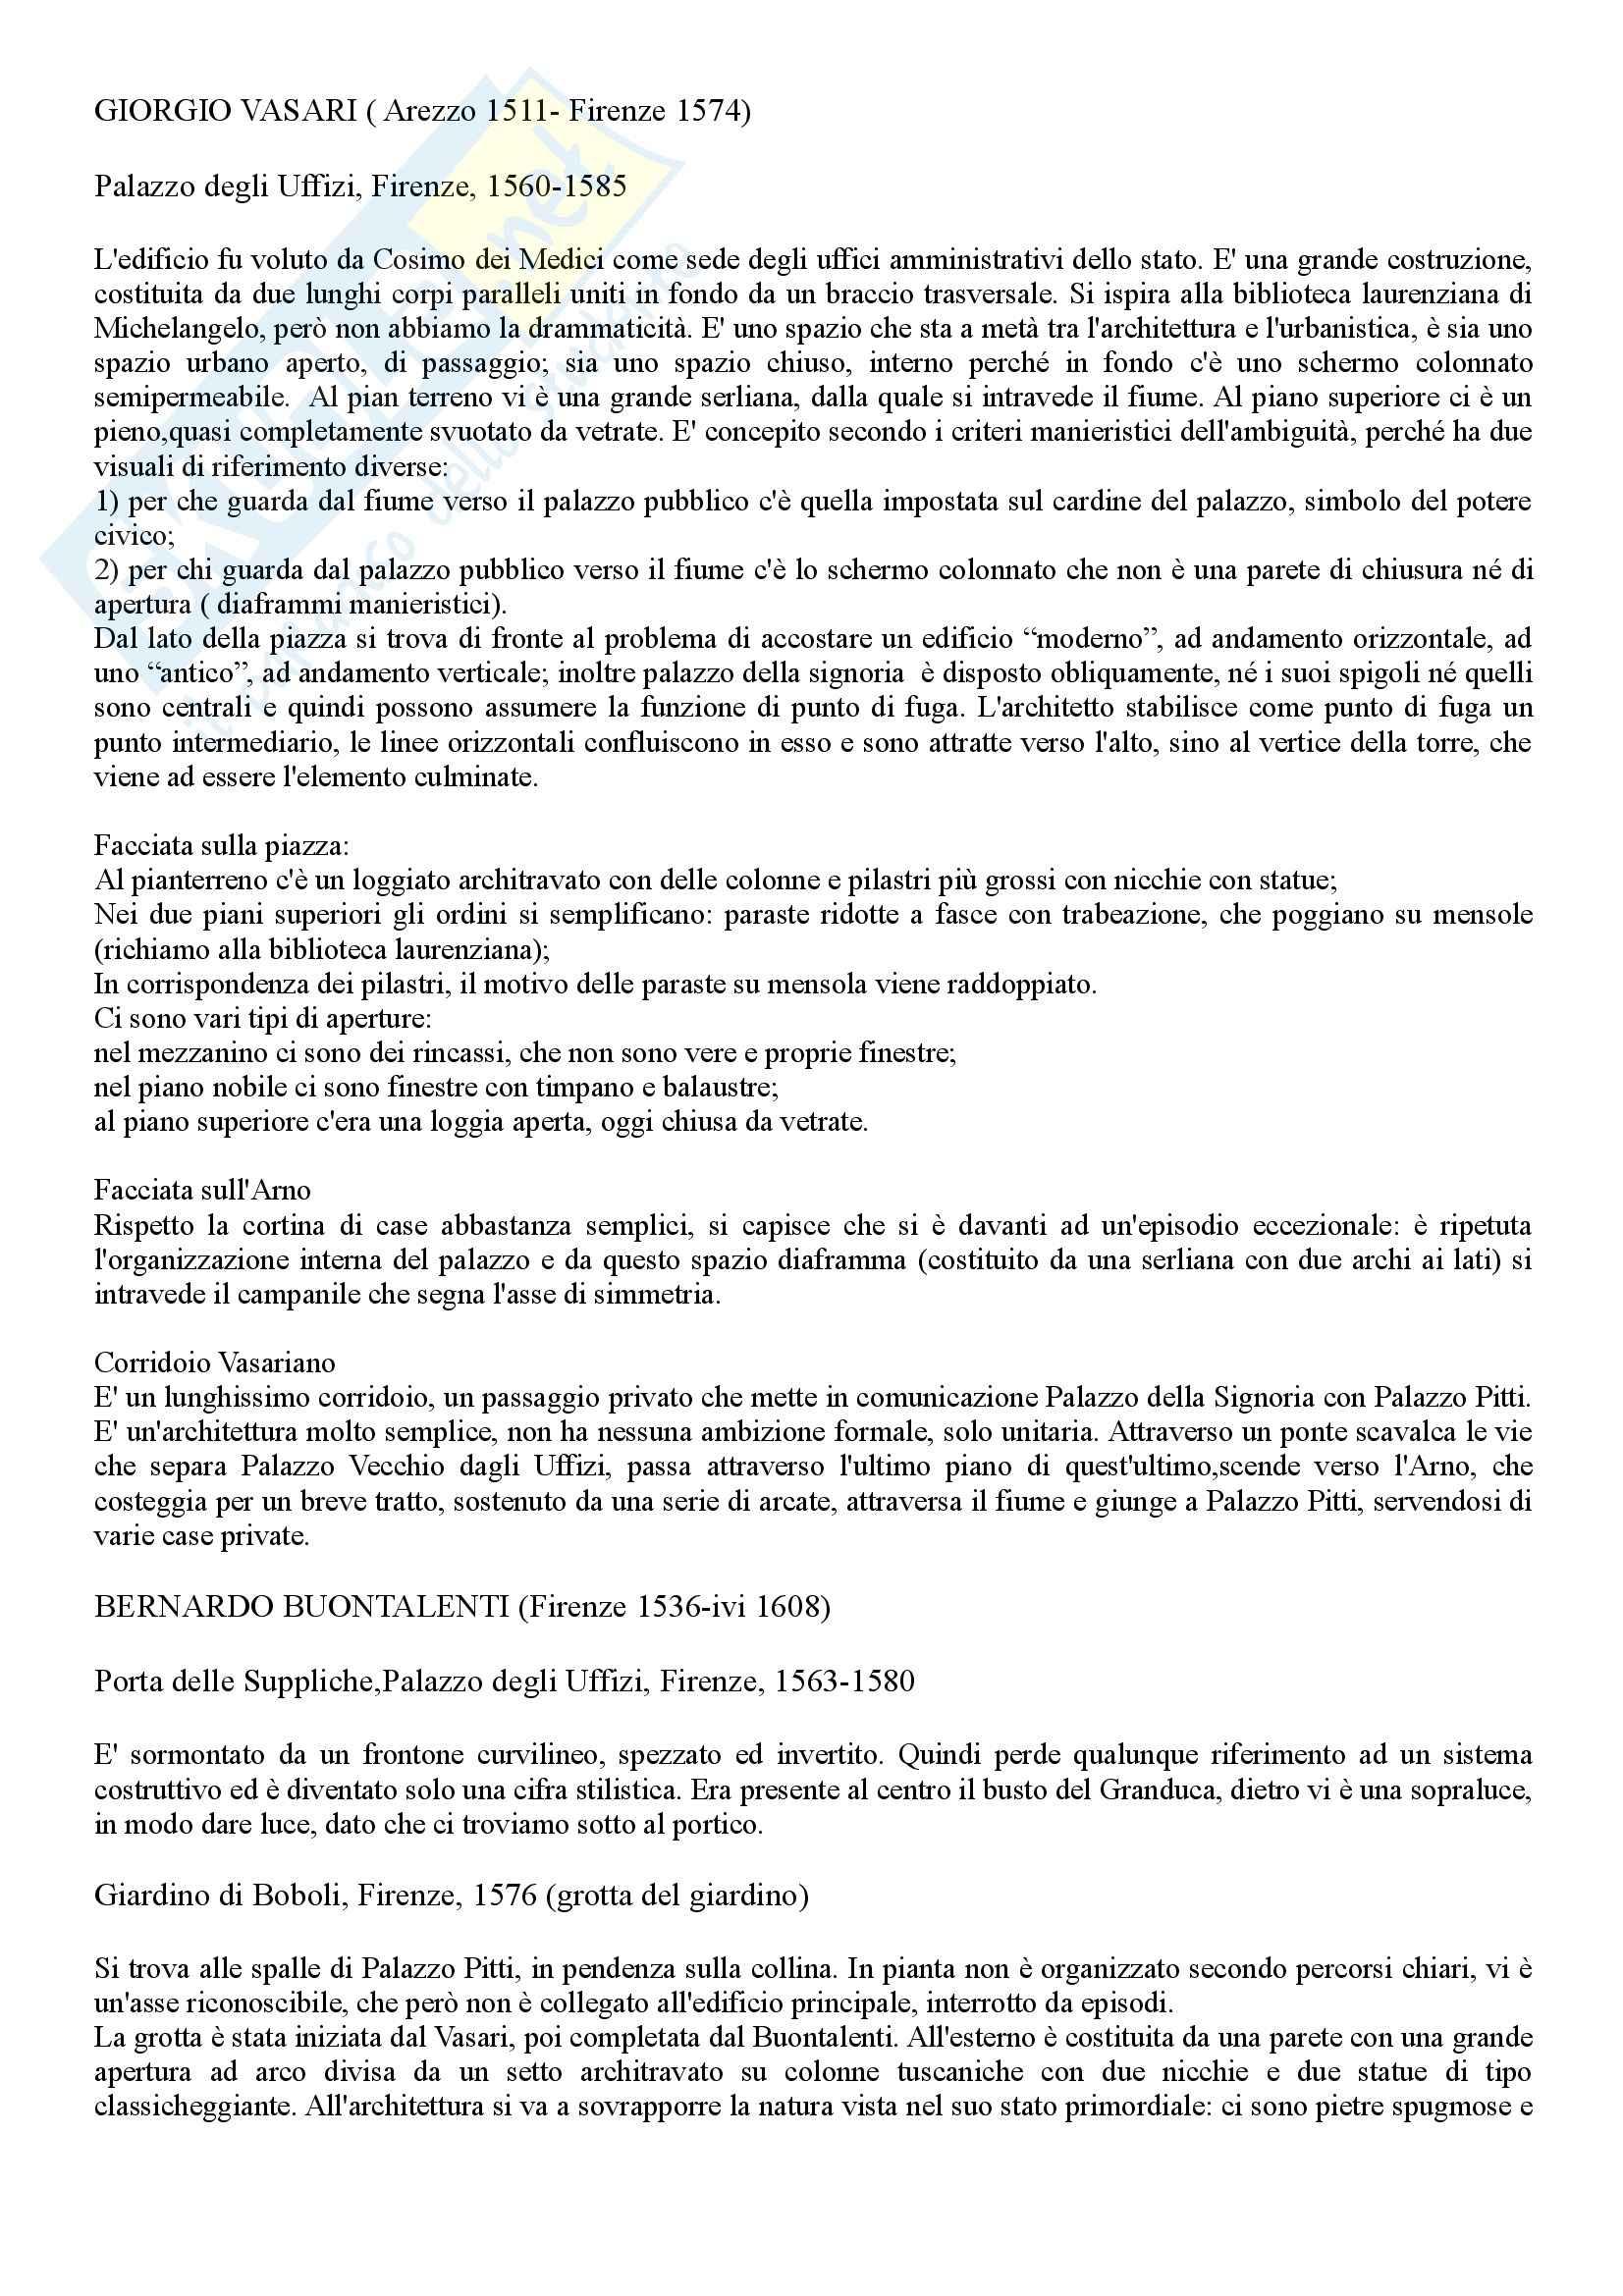 appunto A. Ghisetti Giavarina Storia dell'architettura